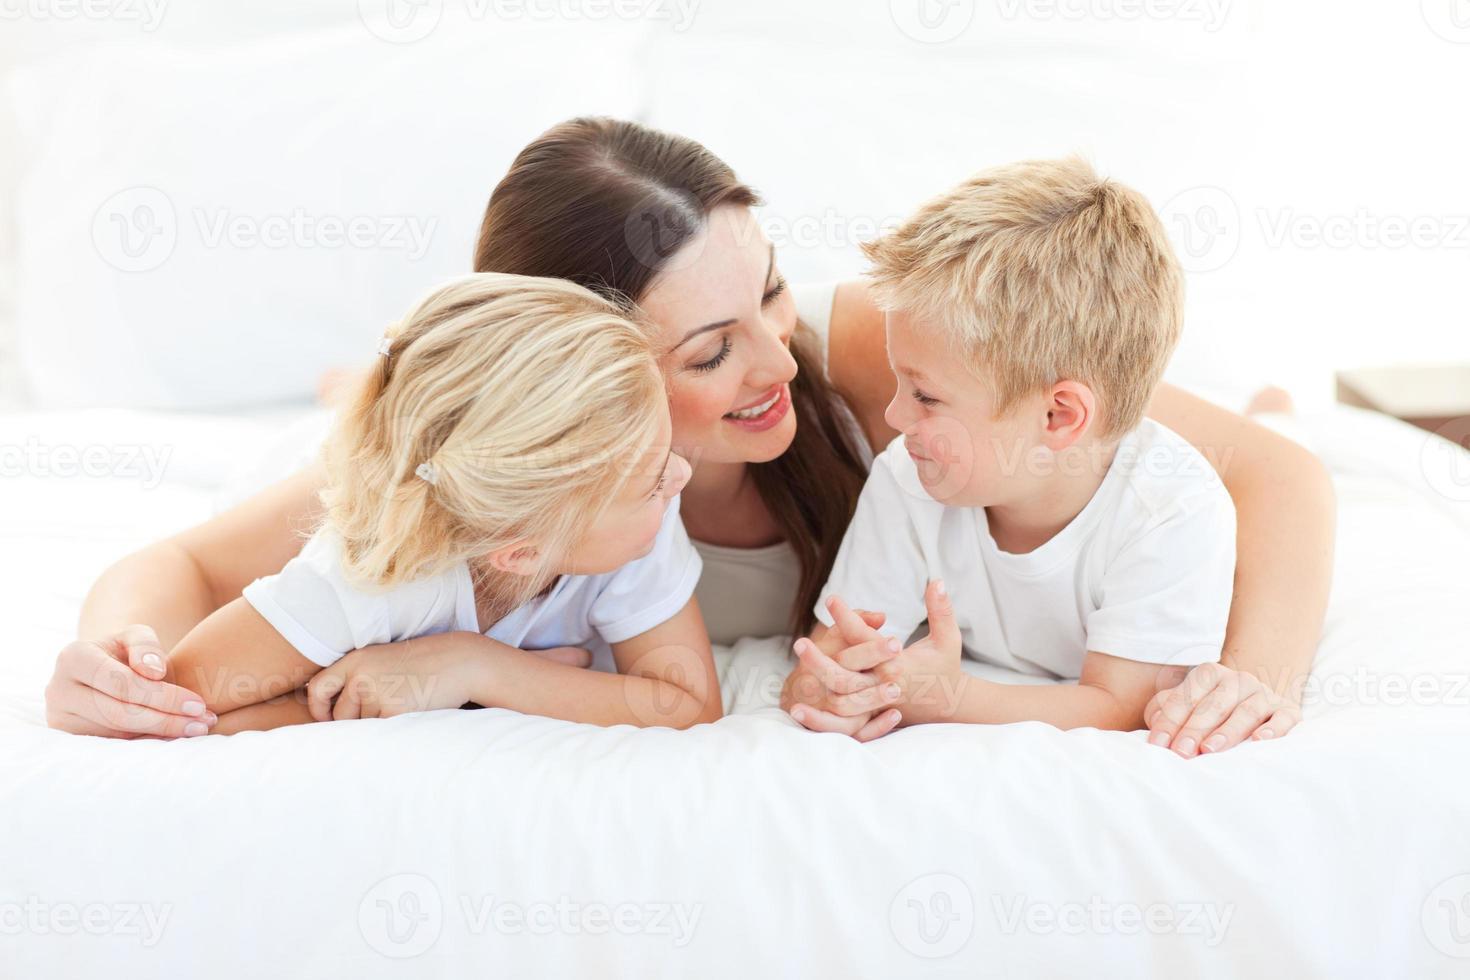 vrolijke kinderen en hun moeder bespreken liggend op een bed foto